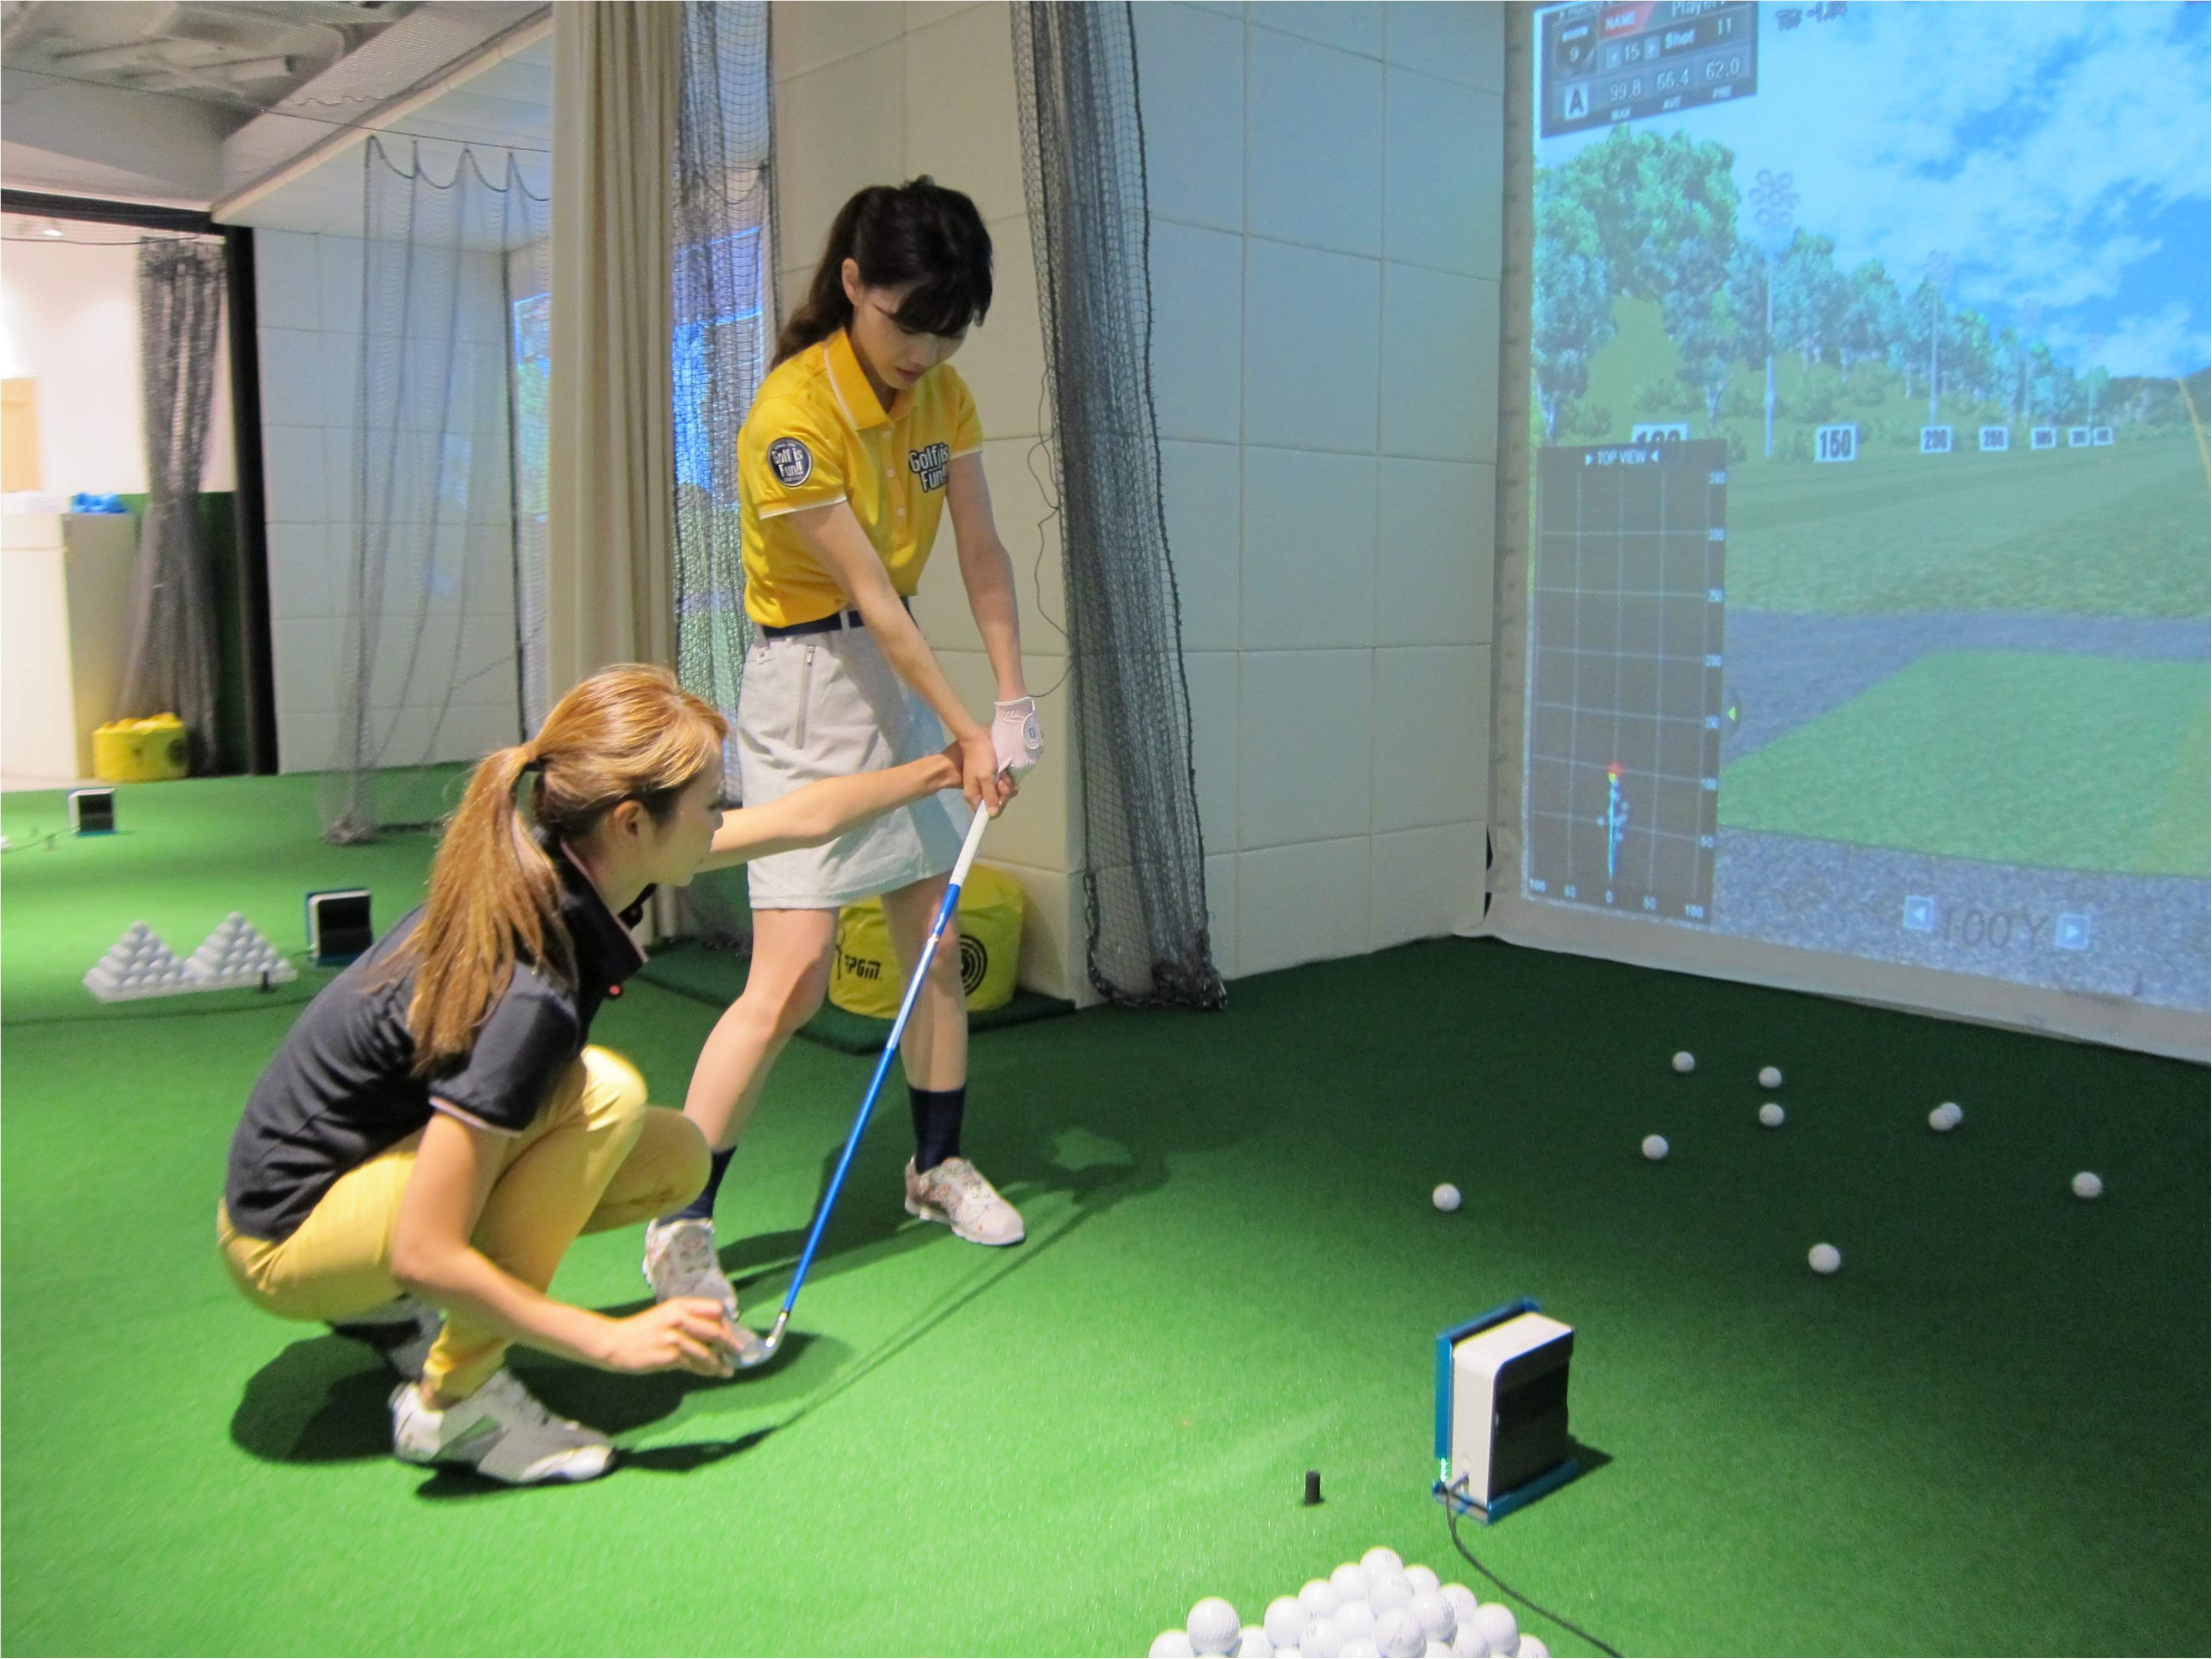 【ゴルフレッスン*onward golf academy@二子玉川】改めてレッスンに行っています!_4